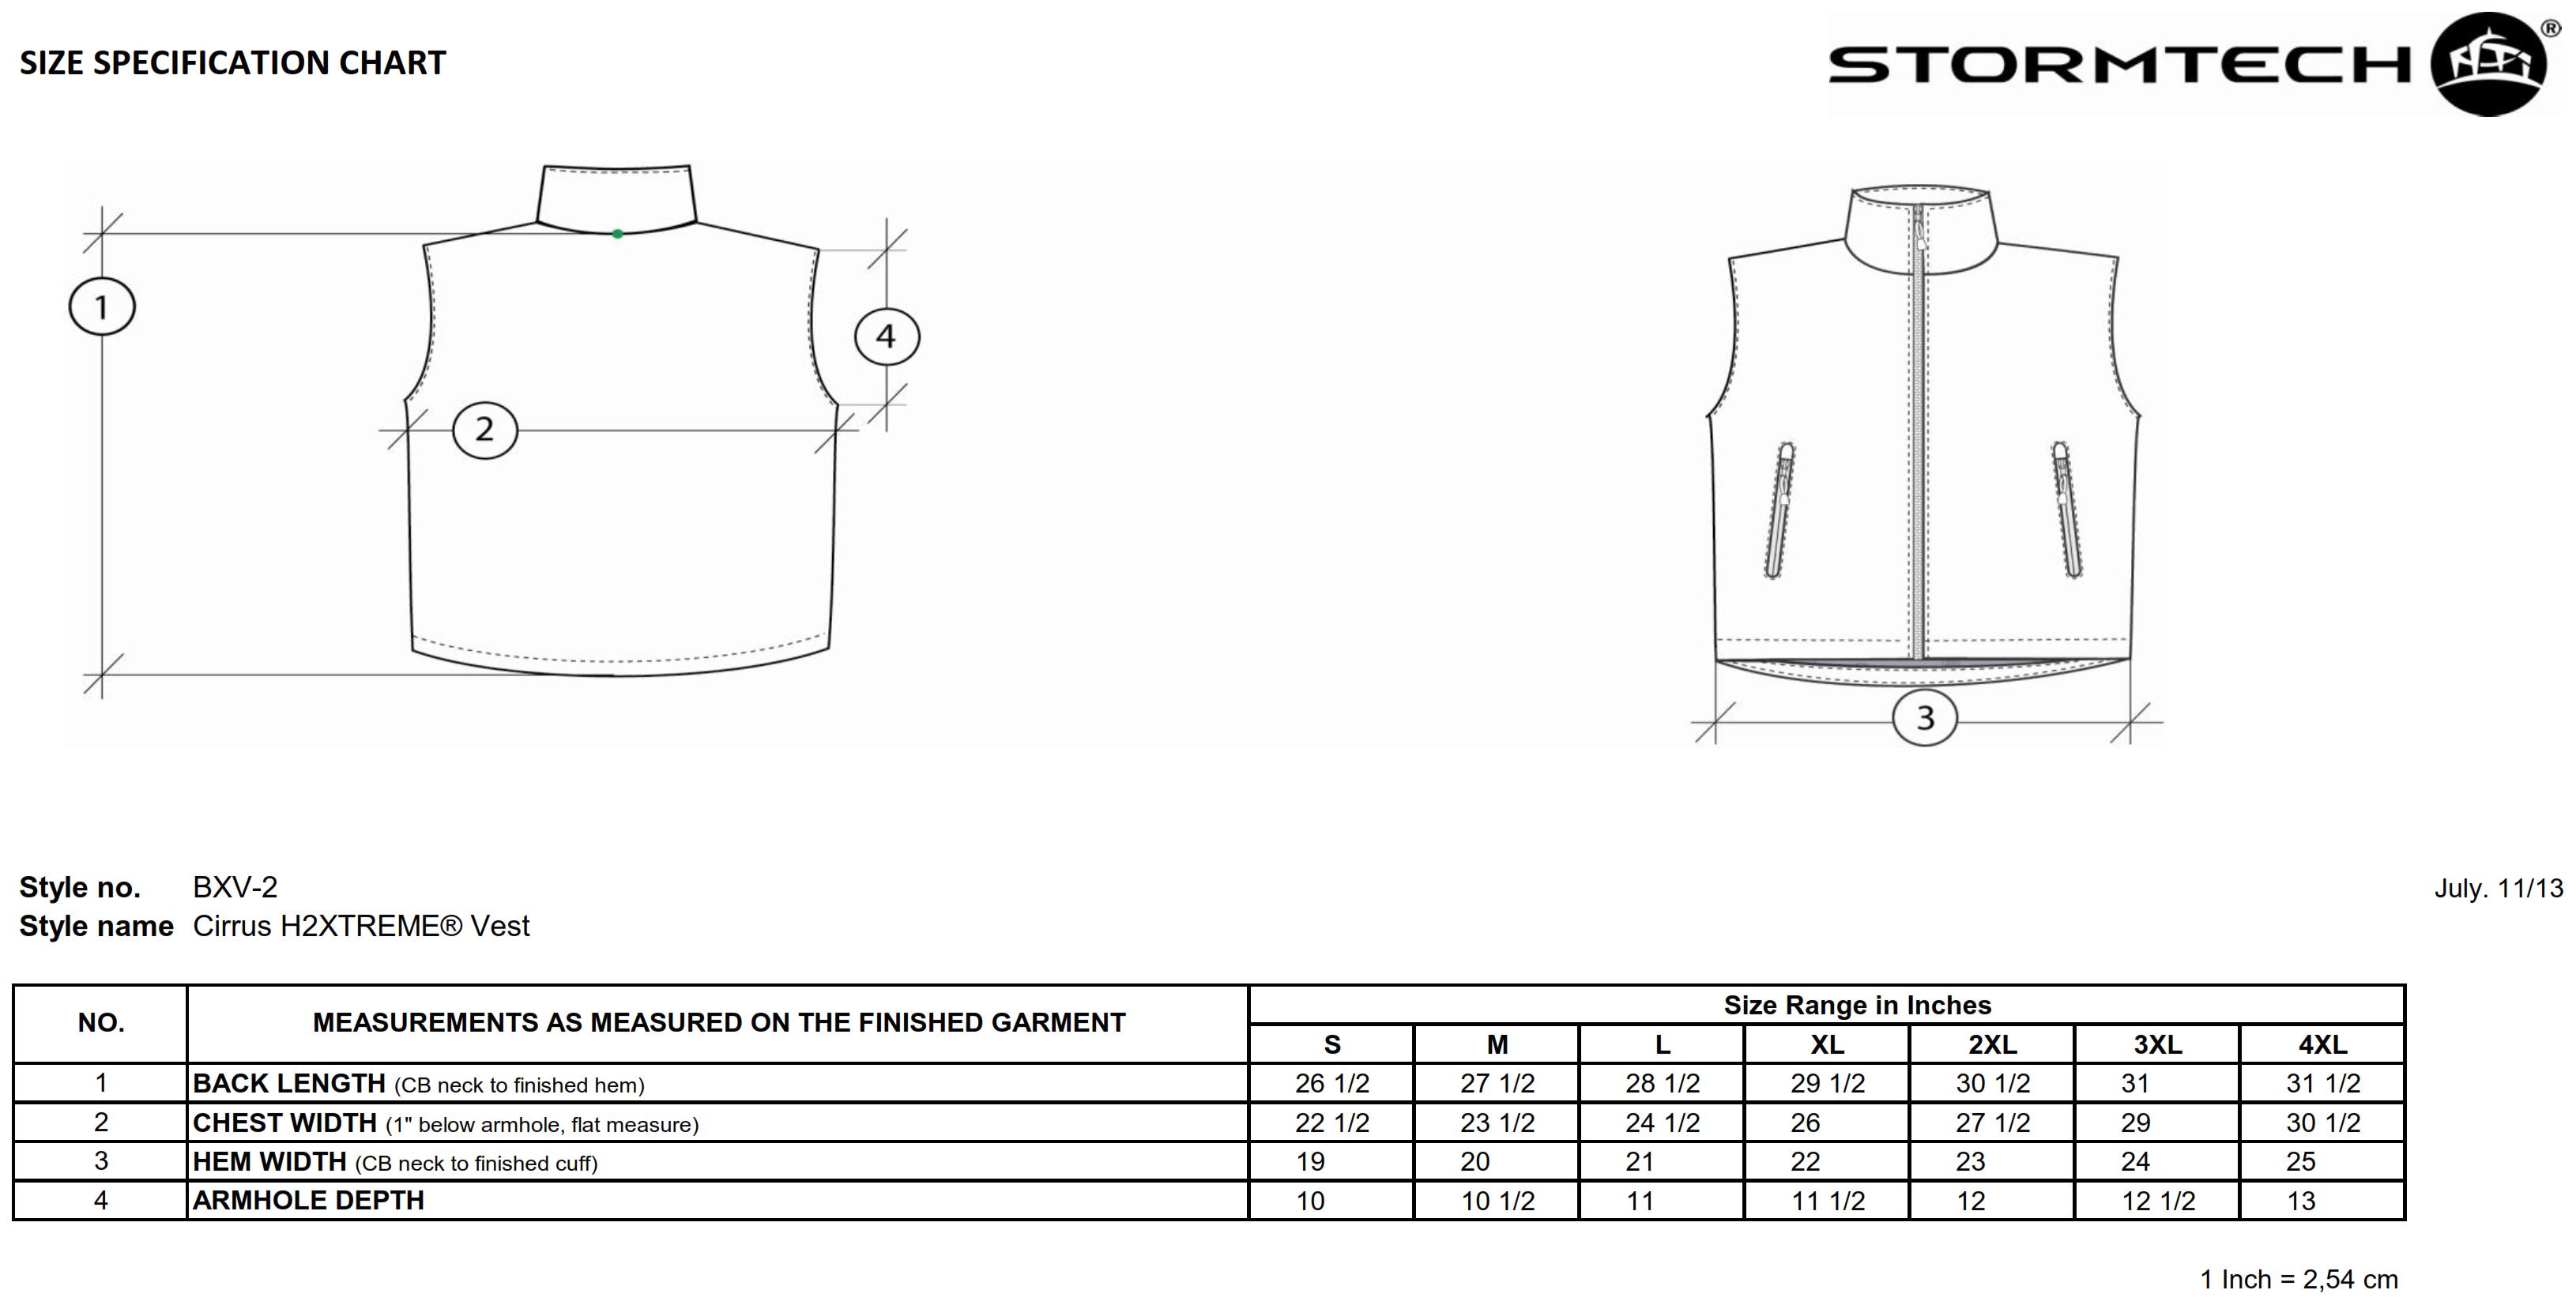 StormTech: Cirrus H2XTREME Vest BXV-2